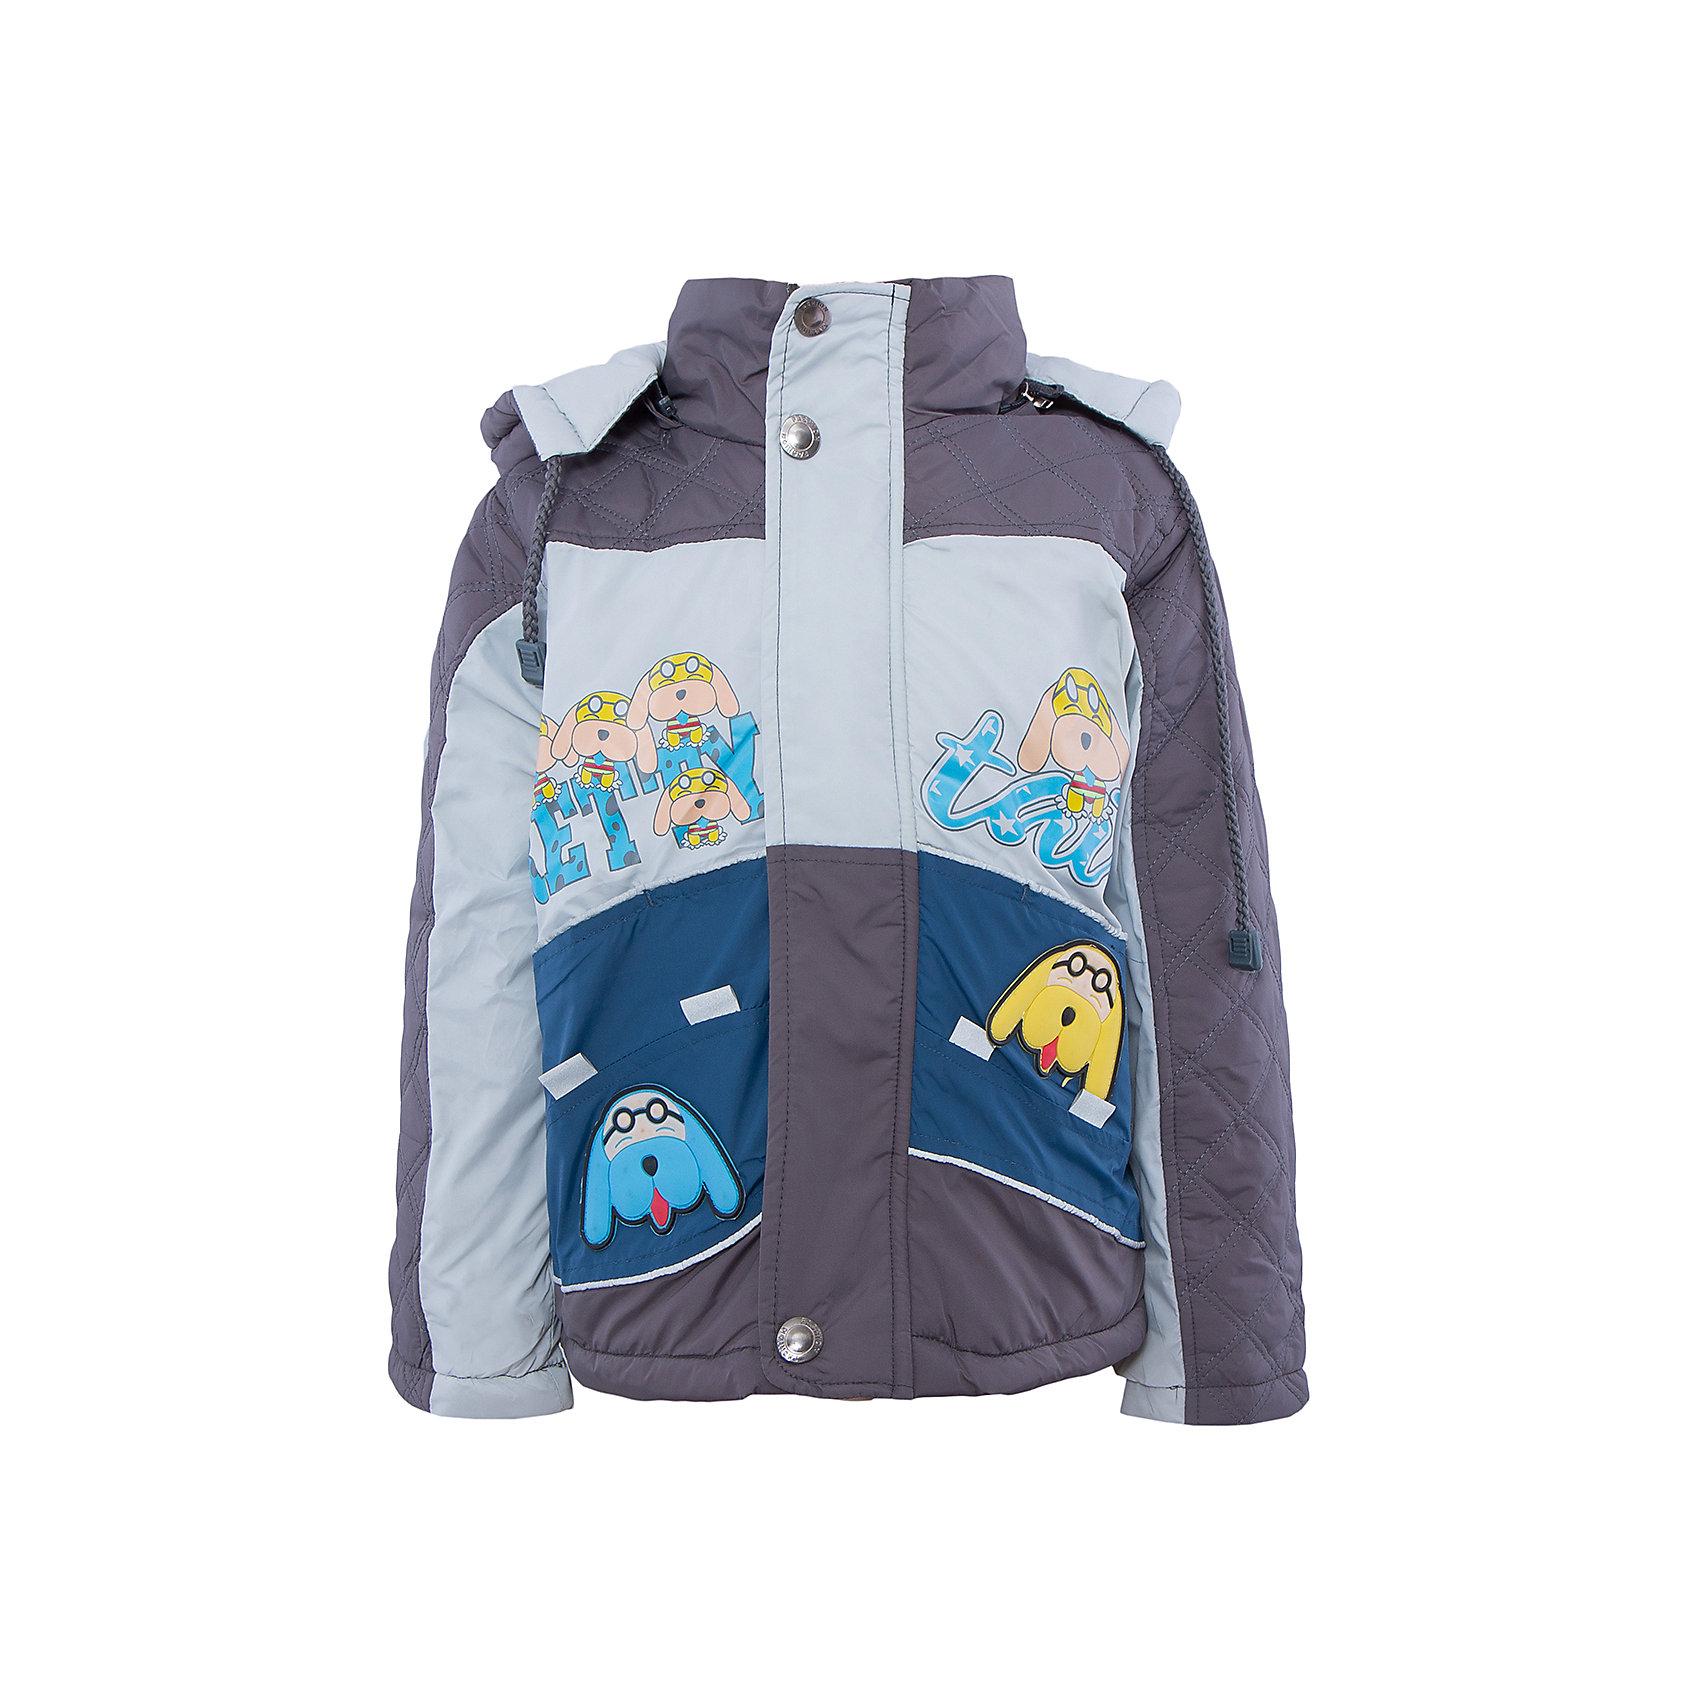 Куртка для мальчика DAUBERВерхняя одежда<br>Куртка для мальчика DAUBER<br><br>Характеристики:<br><br>• Состав: 100%полиэстер.<br>• Цвет:темно- серый, синий.<br>• Материал: текстиль.<br>• Температурный режим до -5 . *<br><br>* Температурный режим указан приблизительно — необходимо, прежде всего, ориентироваться на ощущения ребенка. <br><br>Куртка для мальчика DAUBER от российского бренда DAUBER.<br>Яркая куртка темно-серого цвета с синими вставками выполнена из синтетического материала. Застегивается куртка на молнию, также имеется дополнительный клапан с кнопками. Капюшон, затягивающийся на шнурок, надежно защитит Вашего малыша от ветра и непогоды. Оригинальный забавный принт – собачки ,не оставит равнодушным вашего малыша. <br>Куртка для мальчика DAUBER, можно купить в нашем интернет - магазине.<br><br>Ширина мм: 356<br>Глубина мм: 10<br>Высота мм: 245<br>Вес г: 519<br>Цвет: серый/синий<br>Возраст от месяцев: 18<br>Возраст до месяцев: 24<br>Пол: Мужской<br>Возраст: Детский<br>Размер: 92,116,98,104,110<br>SKU: 4987498